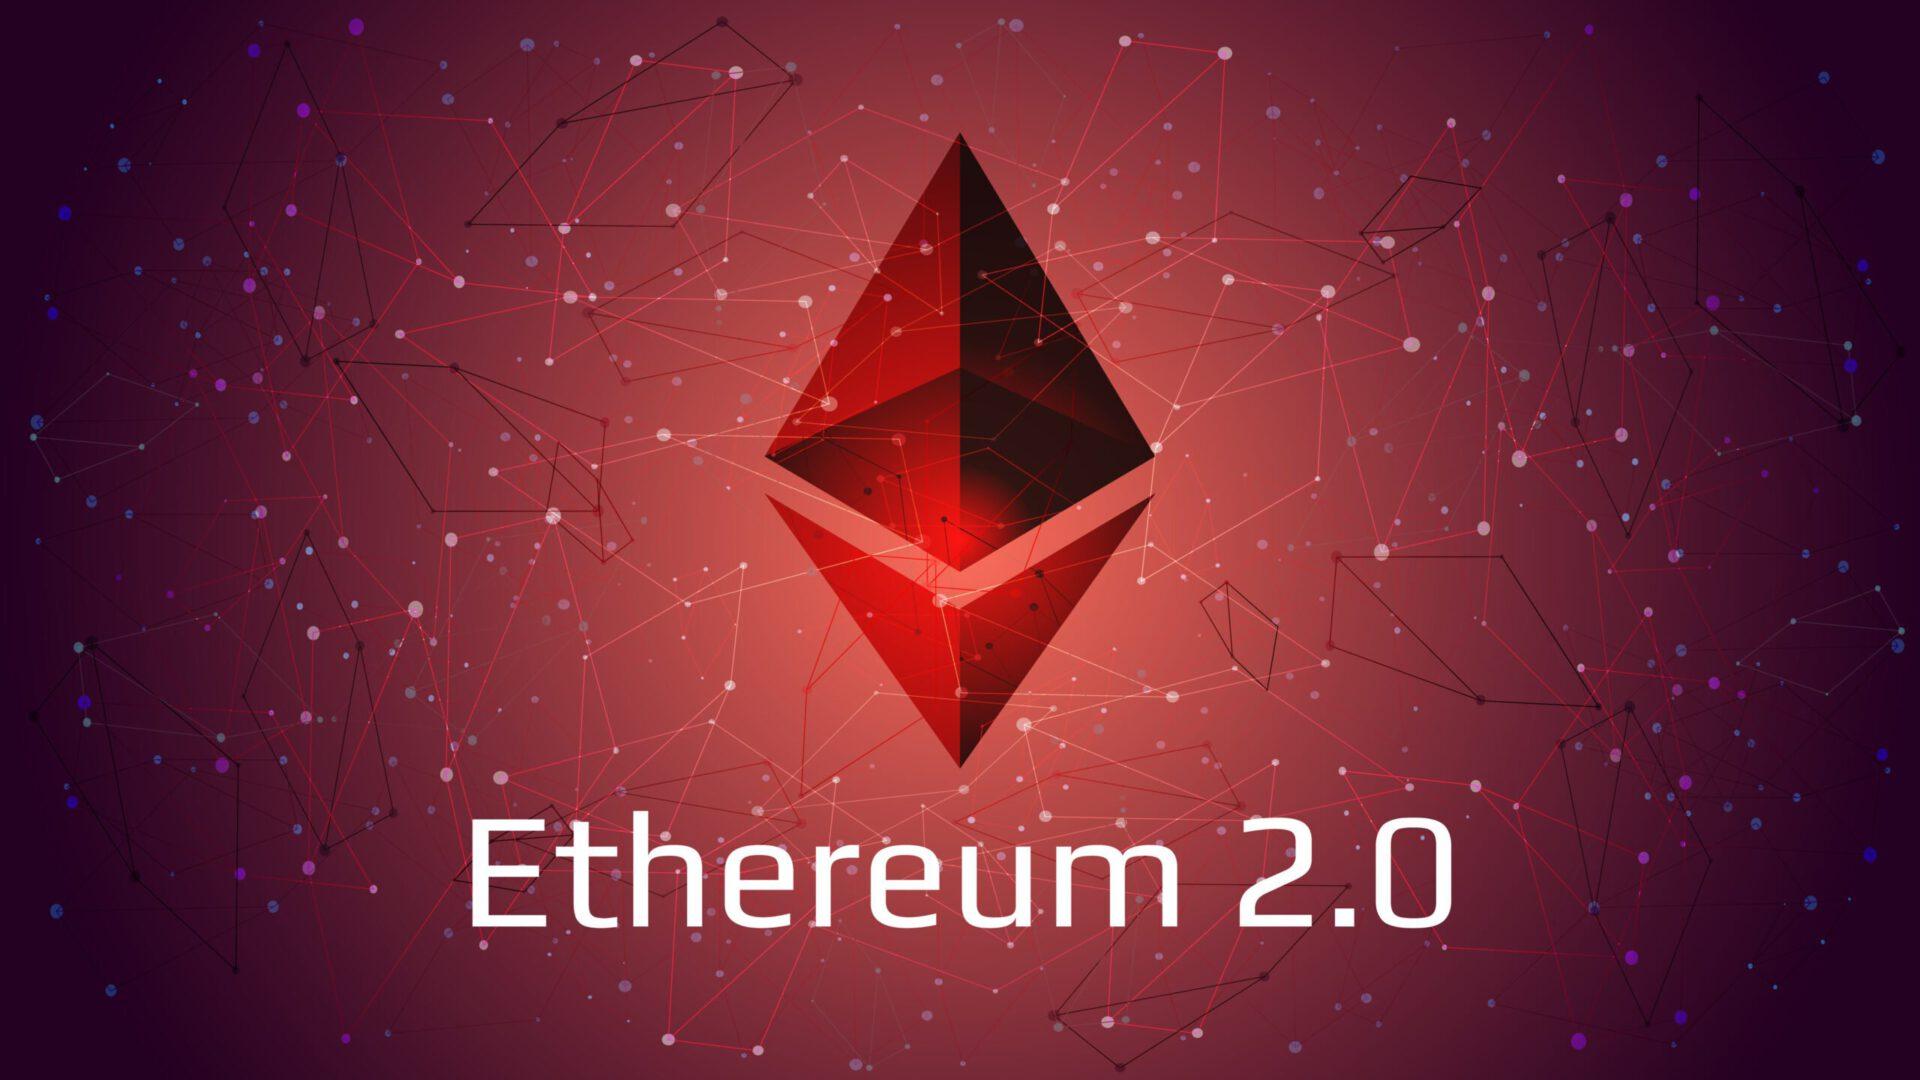 Ethereum 2.0 vượt mốc 200.000 trình xác thực và hơn 14 tỷ USD ETH đang được staking